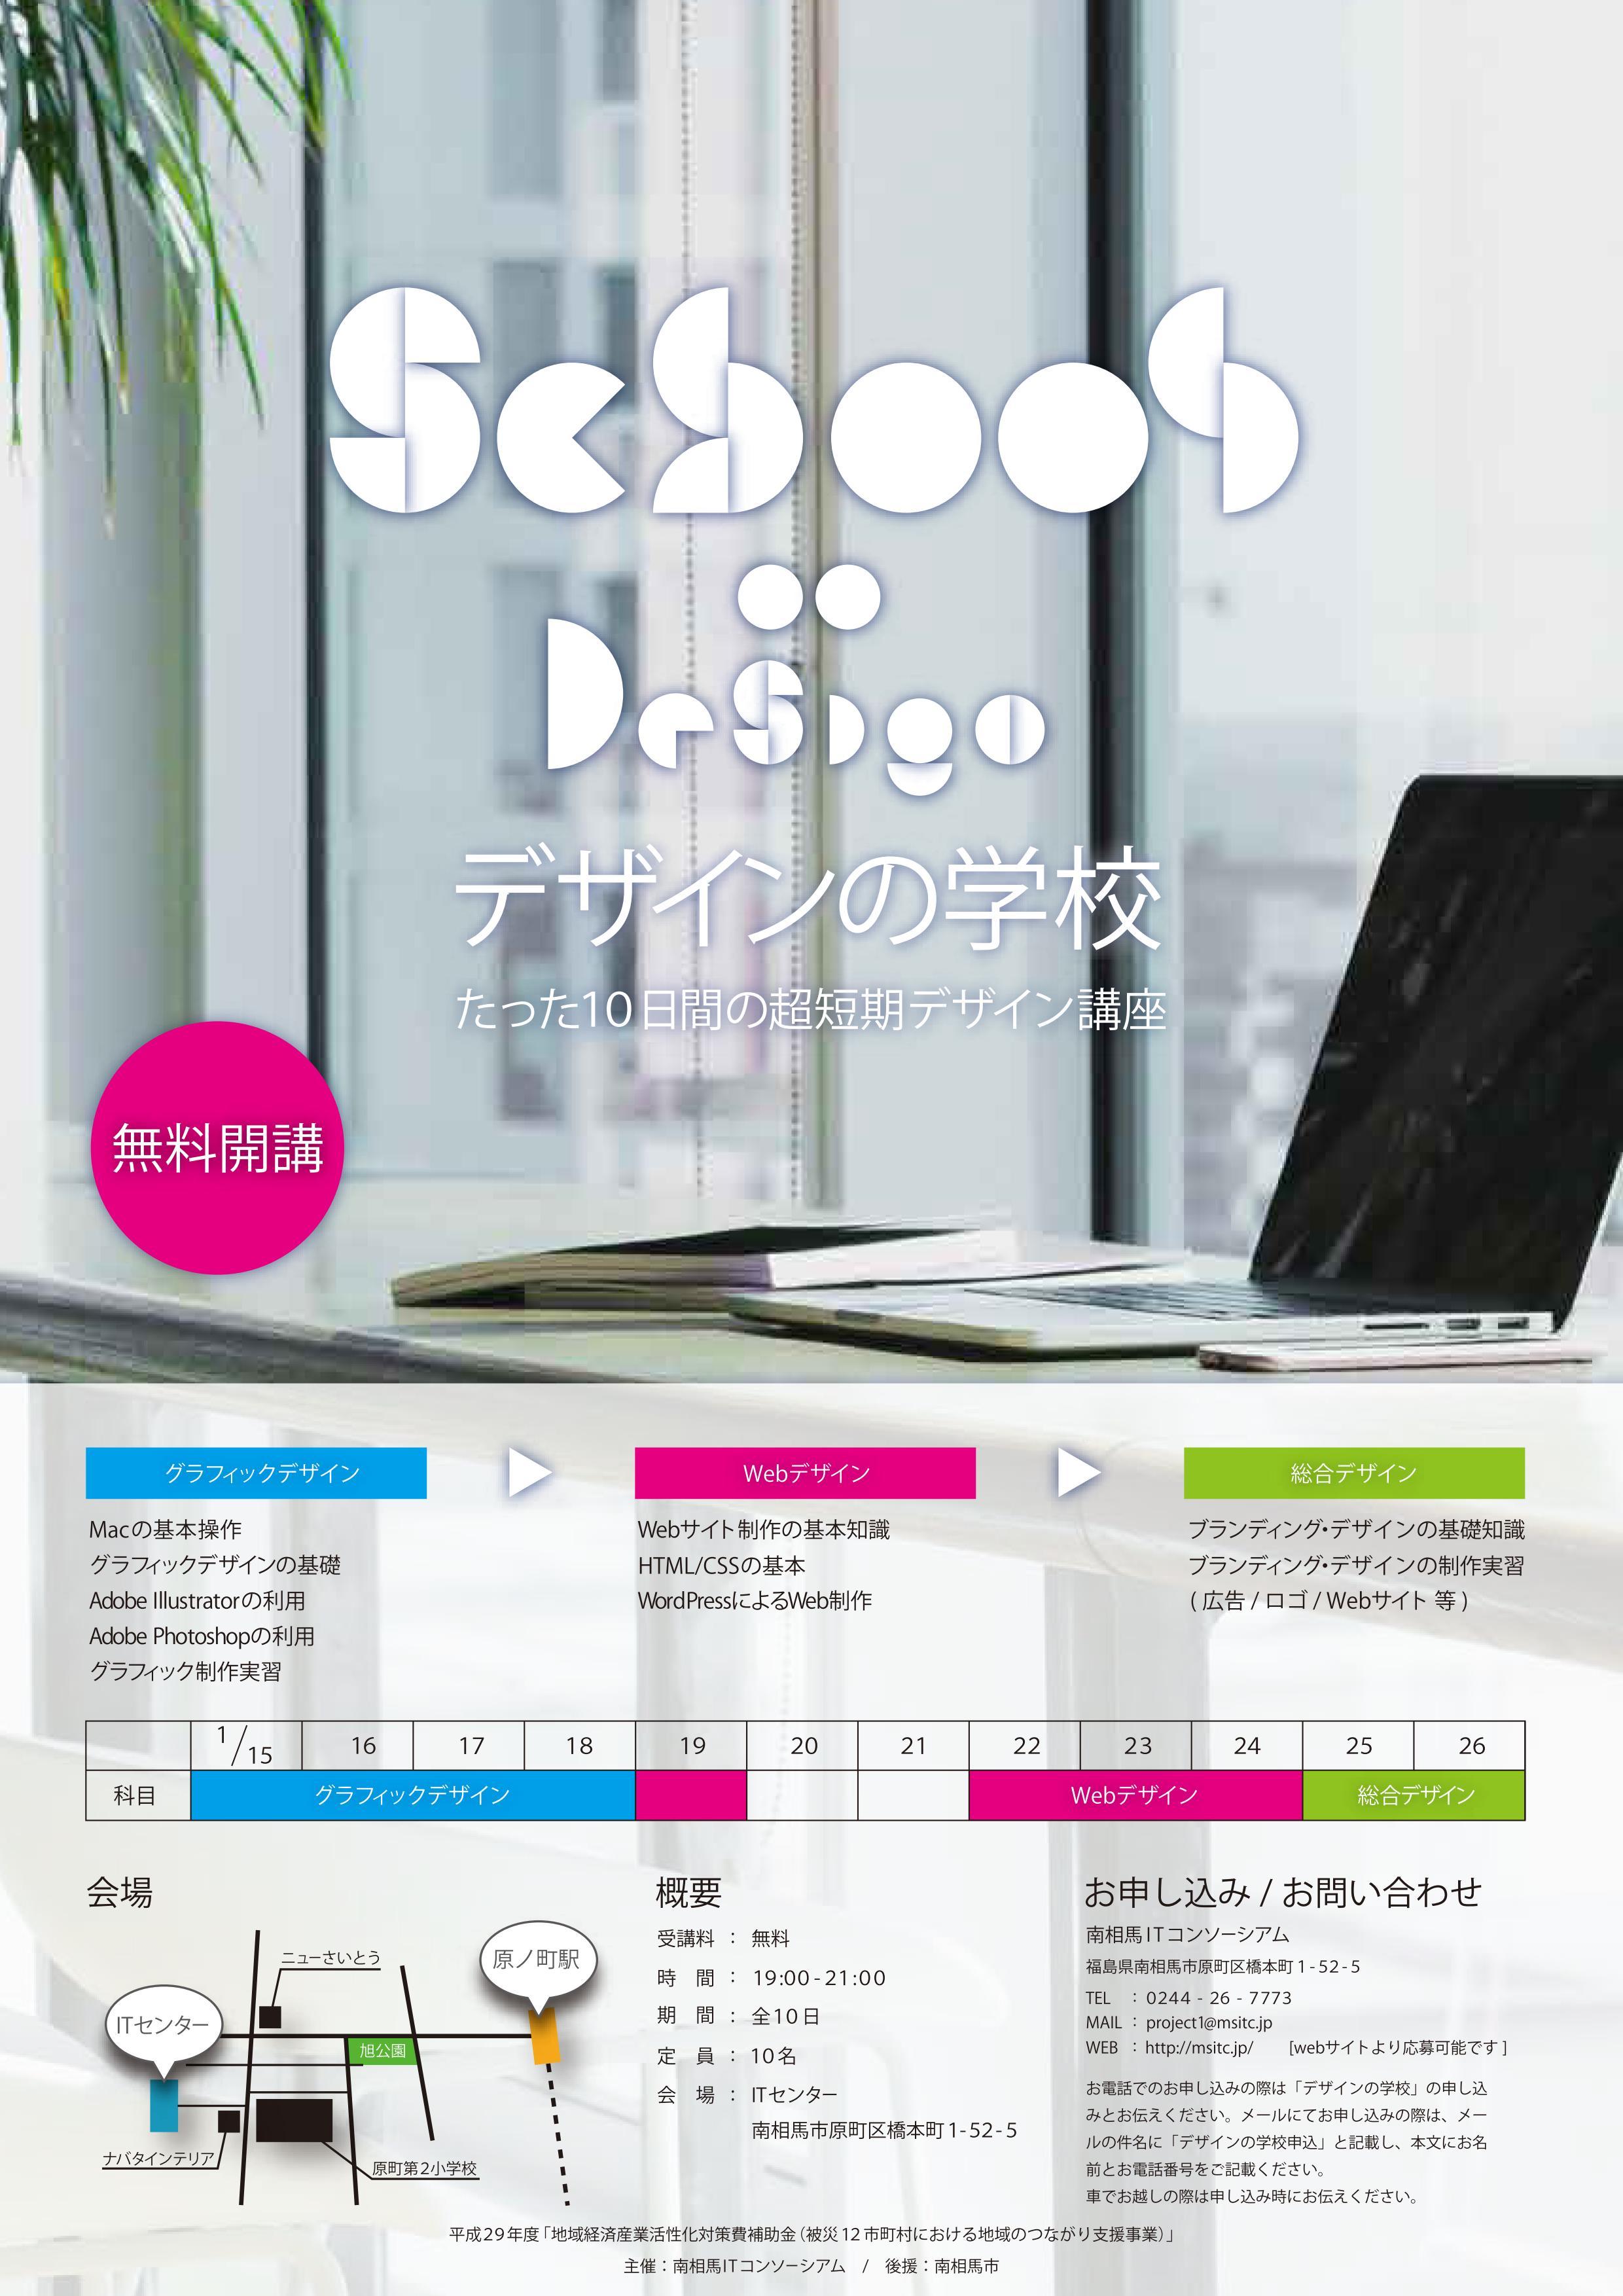 2018.1.15_26デザインの学校 たった10日間の超短期デザイン講座